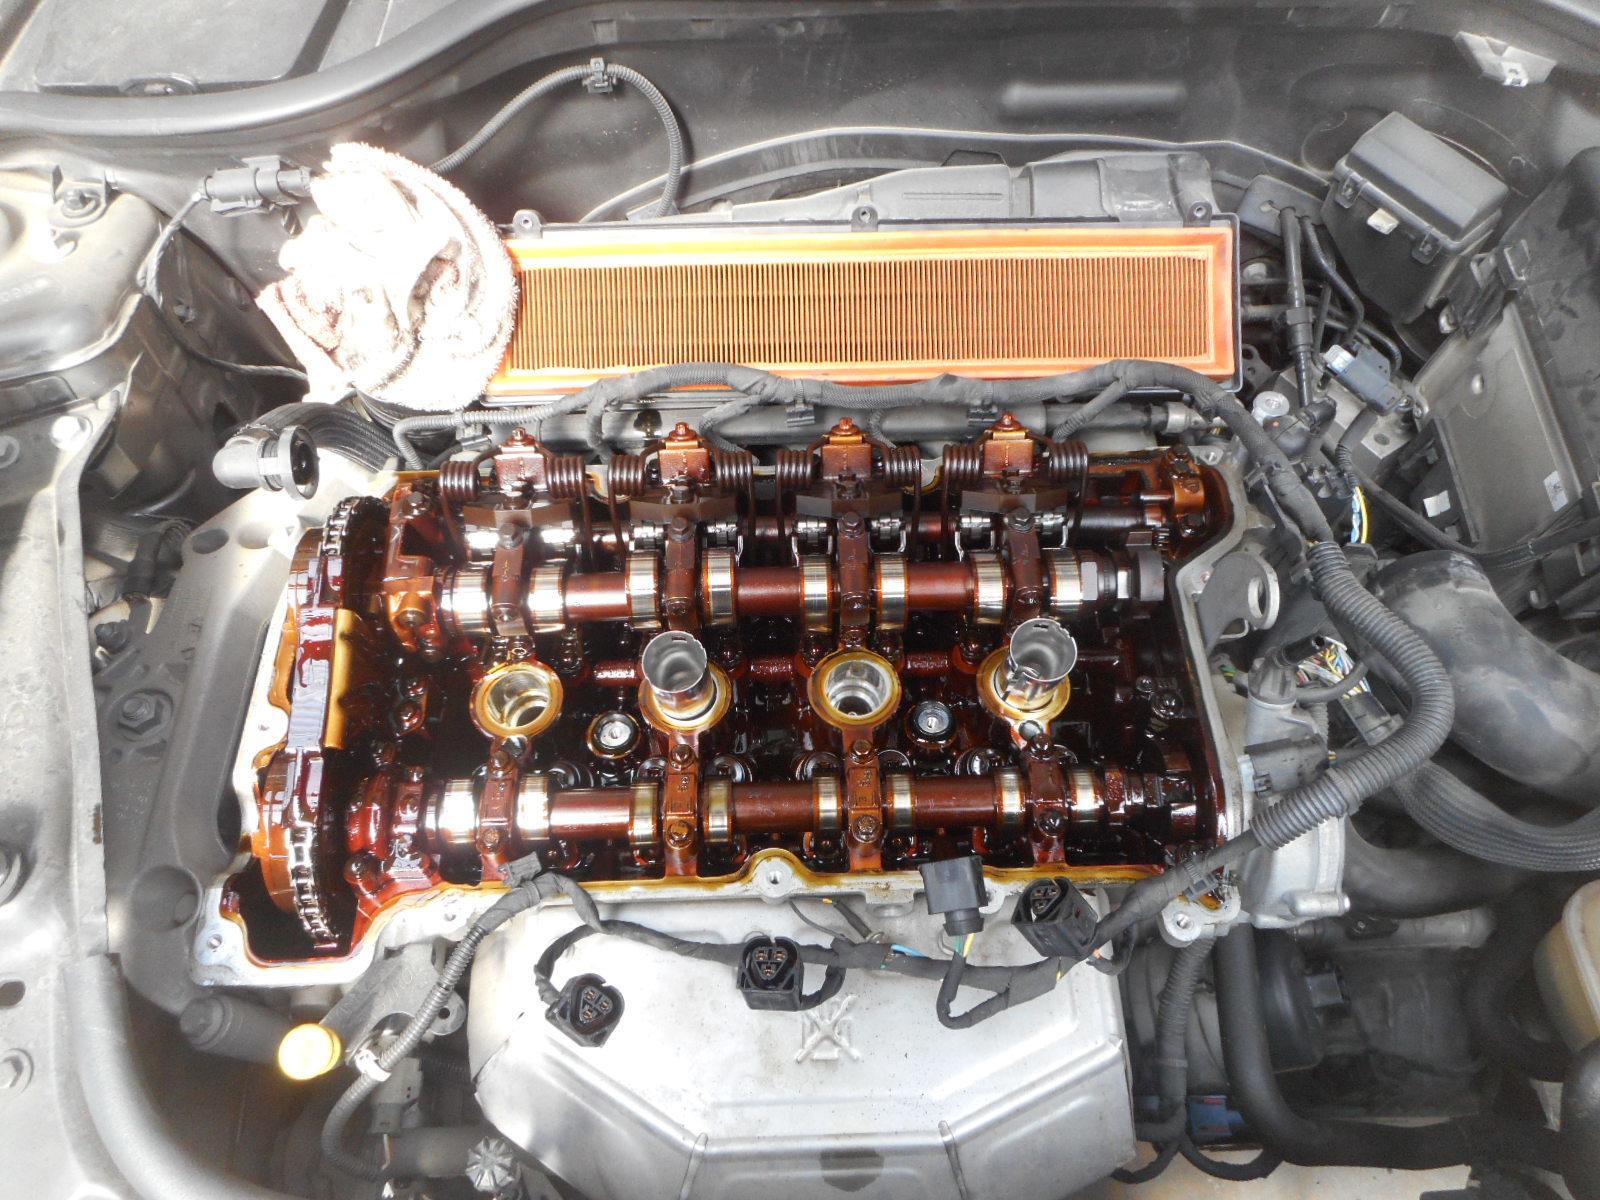 BMWミニ (R56)クラブマン エンジン不調修理(イグニッションコイル他)_c0267693_17411799.jpg